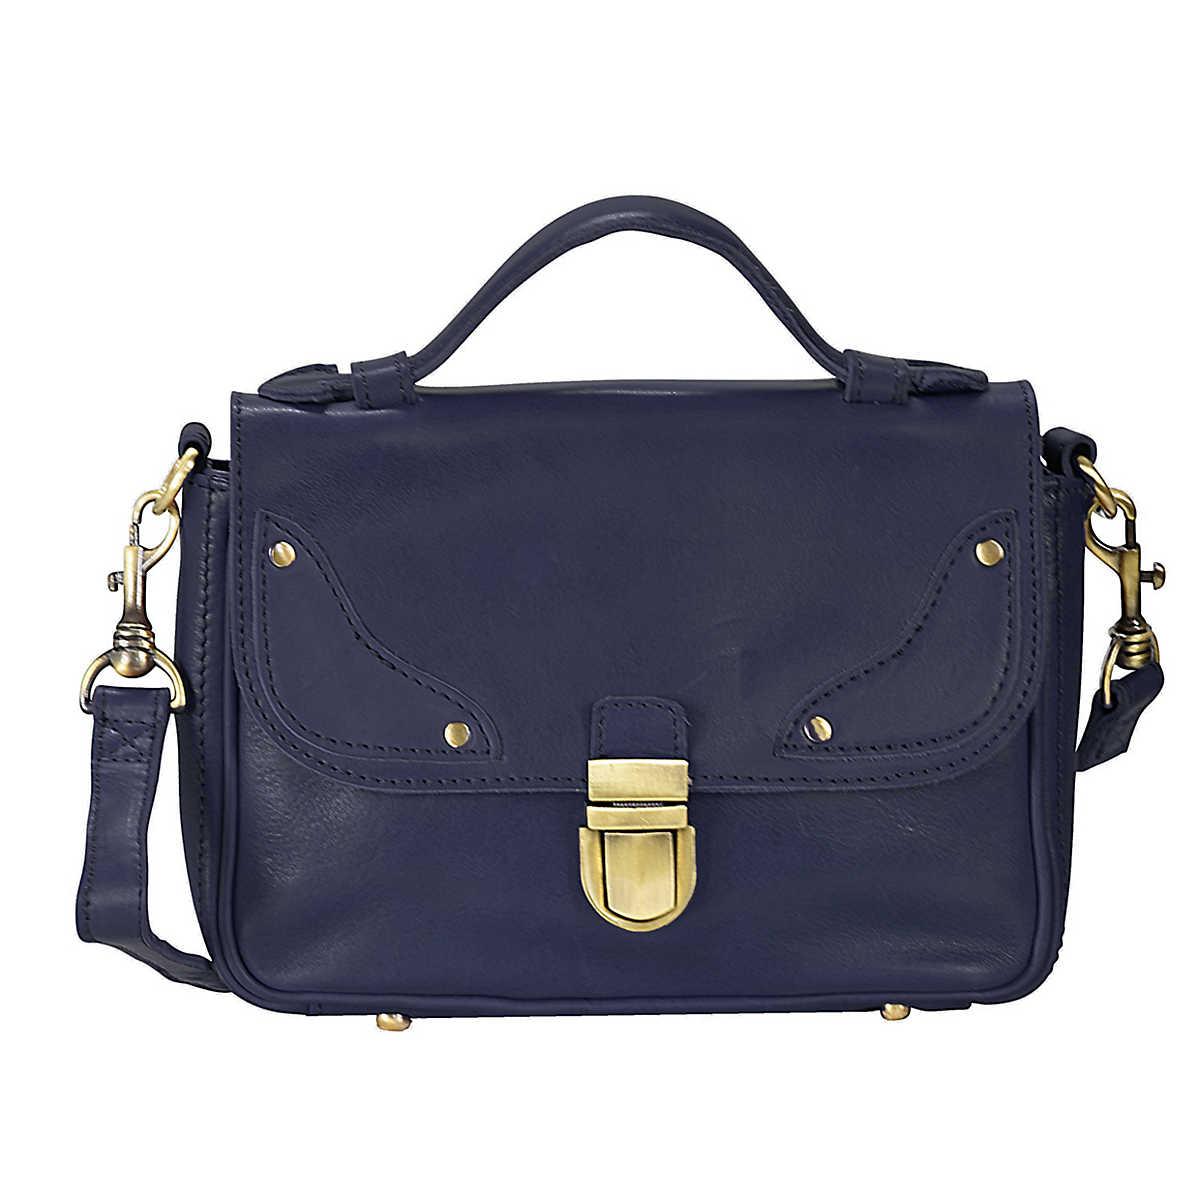 Gr�¤s|chen Retrocharme Fr�¤ulein Anni Umh�¤ngetasche Leder 25 cm blau - Gr�¤s|chen - Clutch & Abendtaschen - Taschen - mirapodo.de